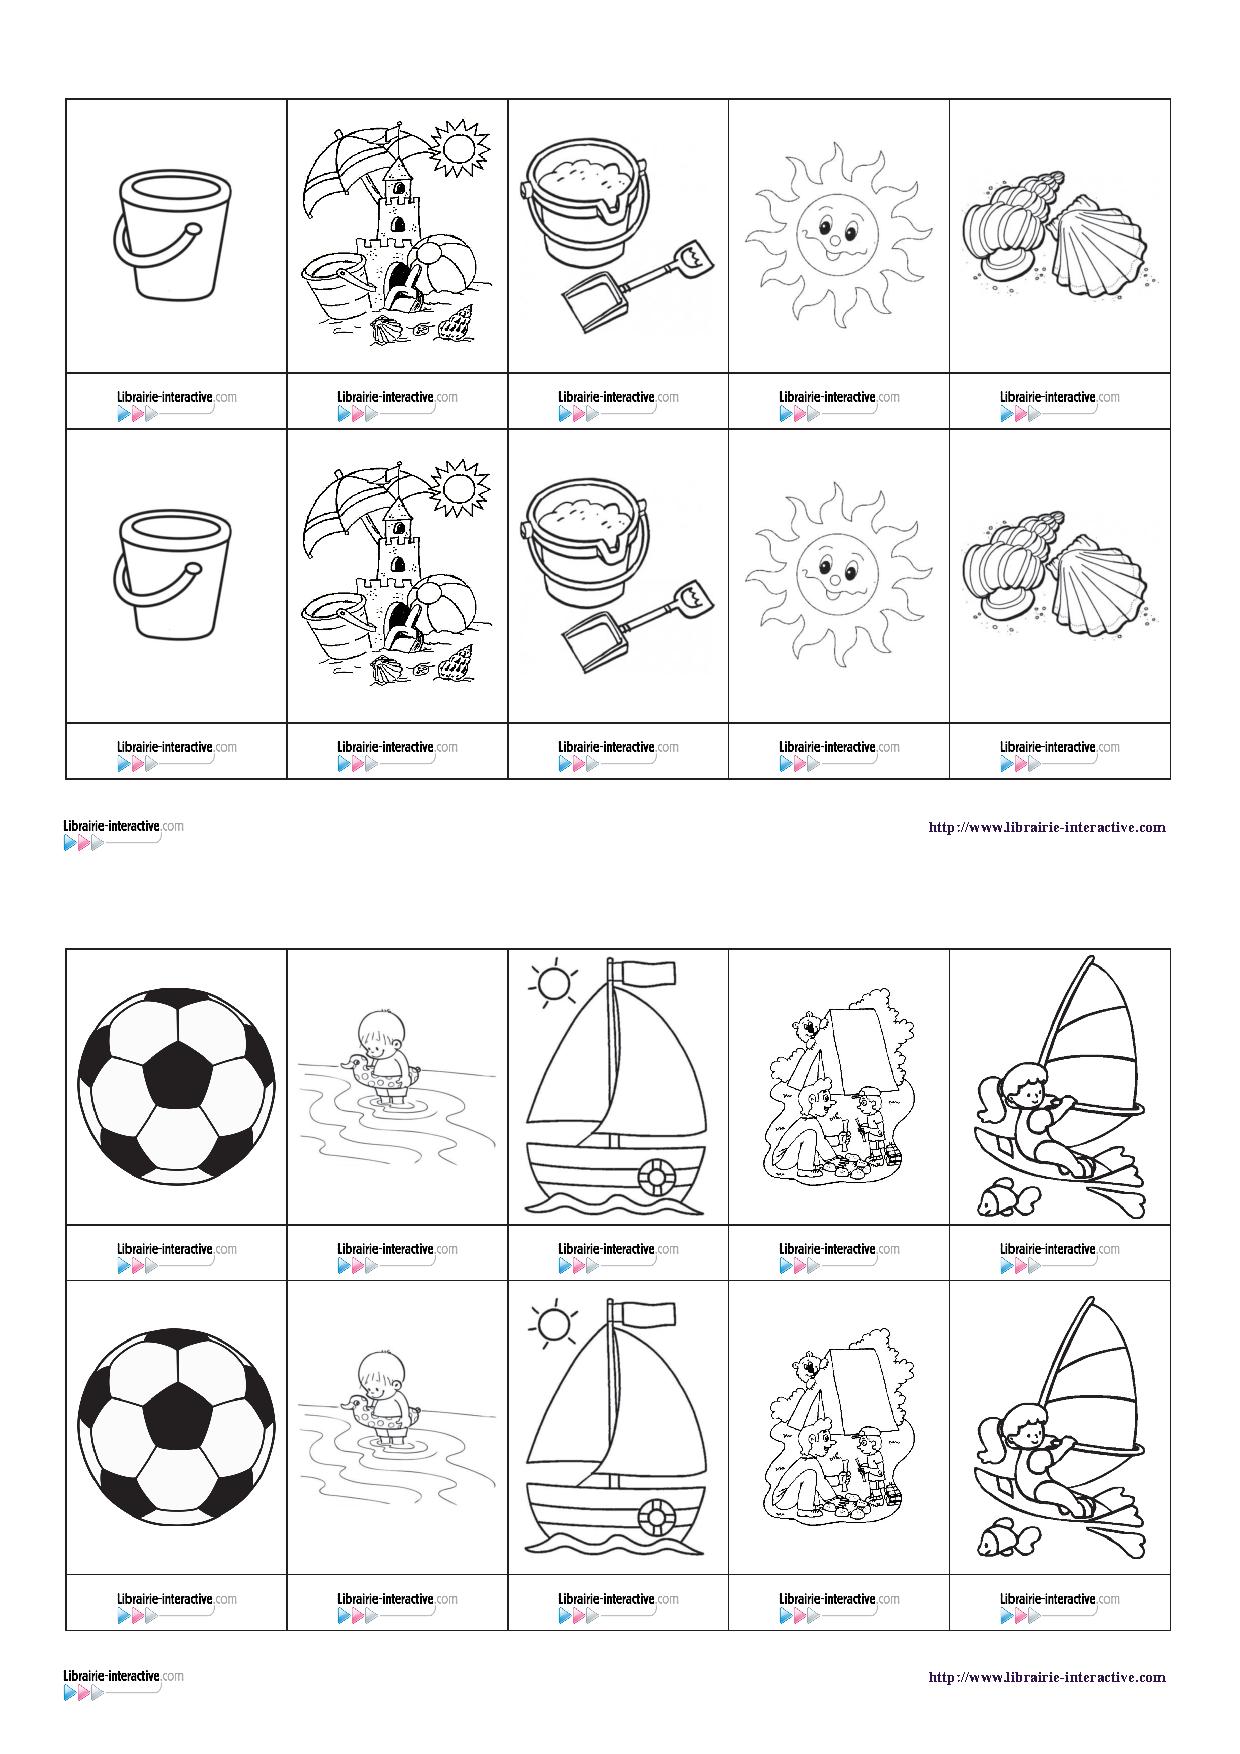 Un petit jeu de memory sur le thème des vacances   Jeux de mémoire, Petit jeux, Jeu de memory